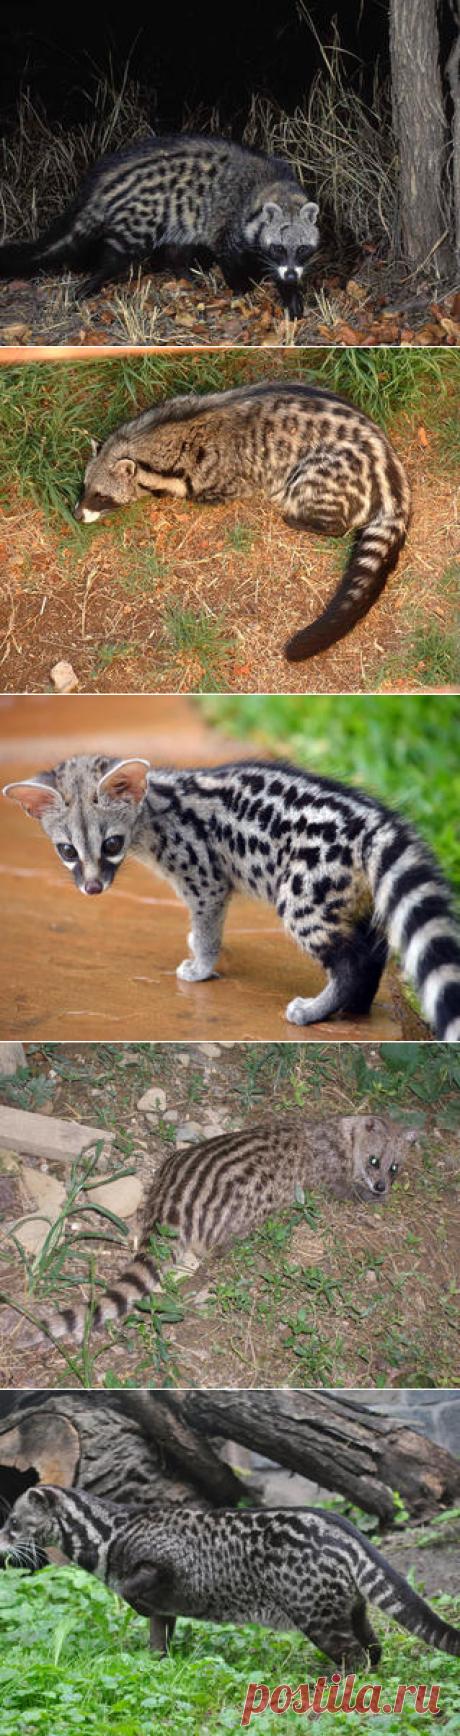 Смотреть изображения африканских цивет | Зооляндия